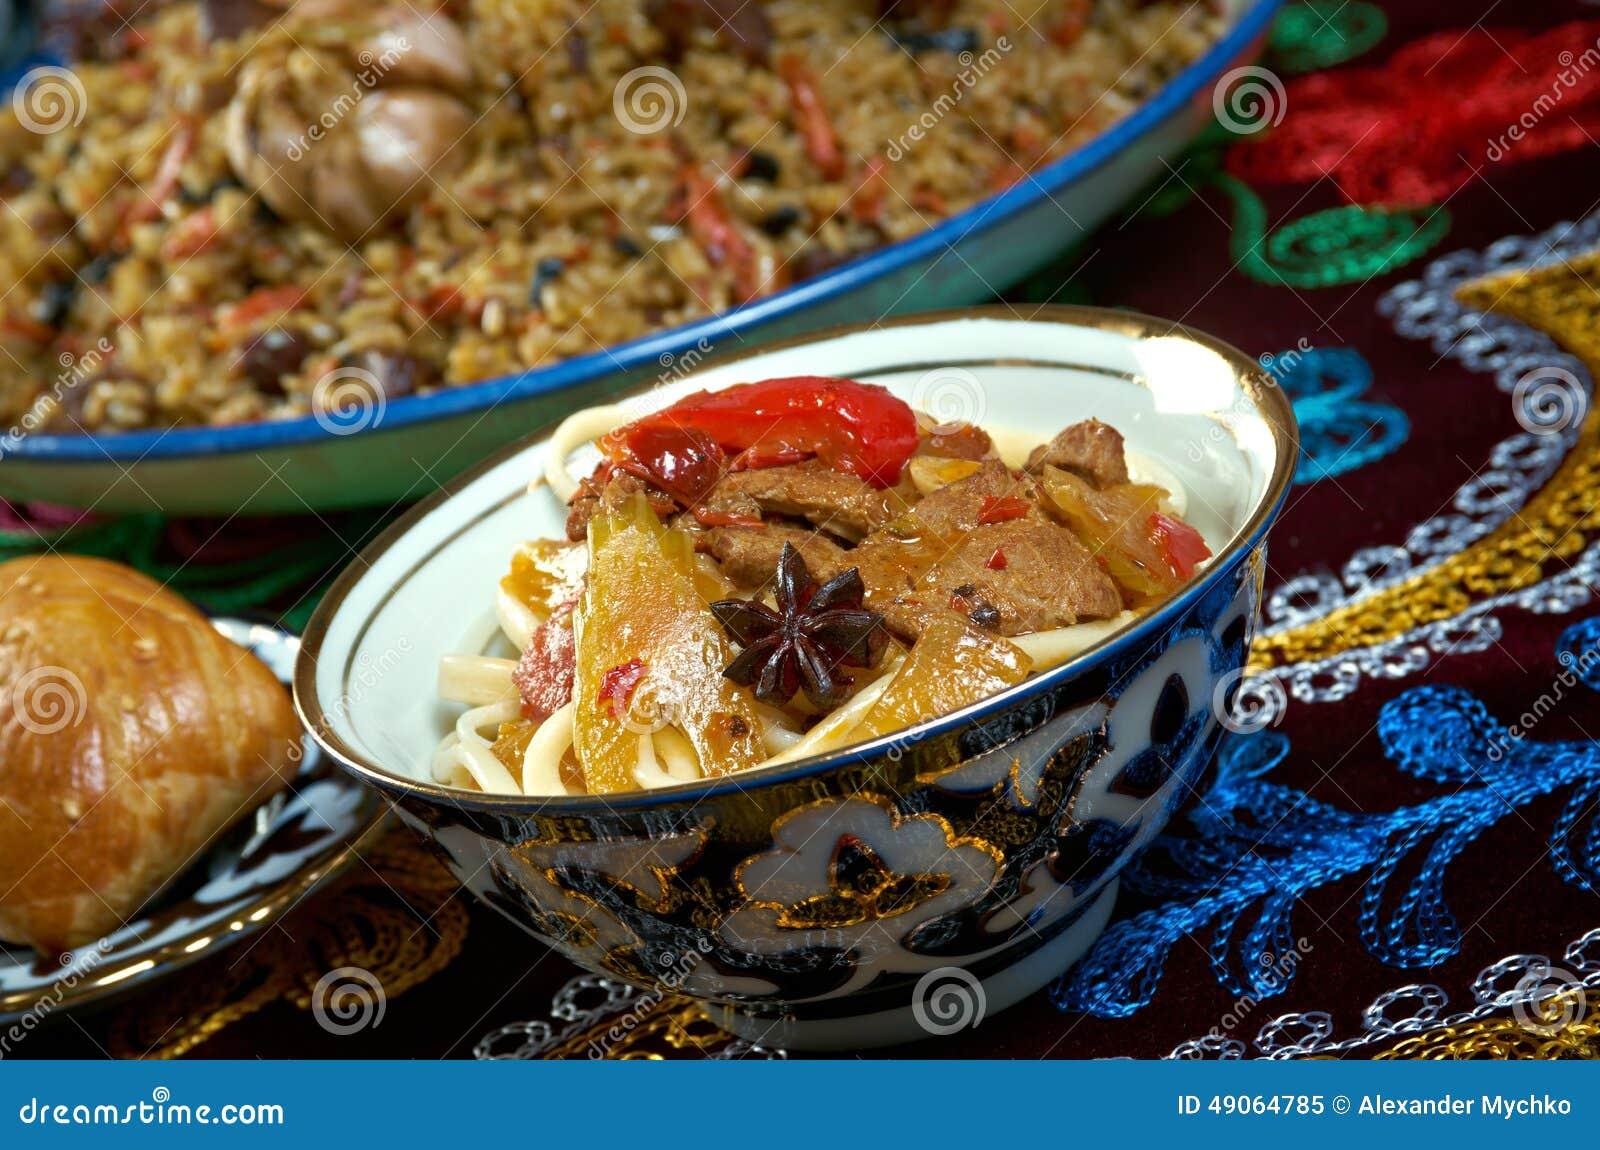 Central Asian Cuisine 7